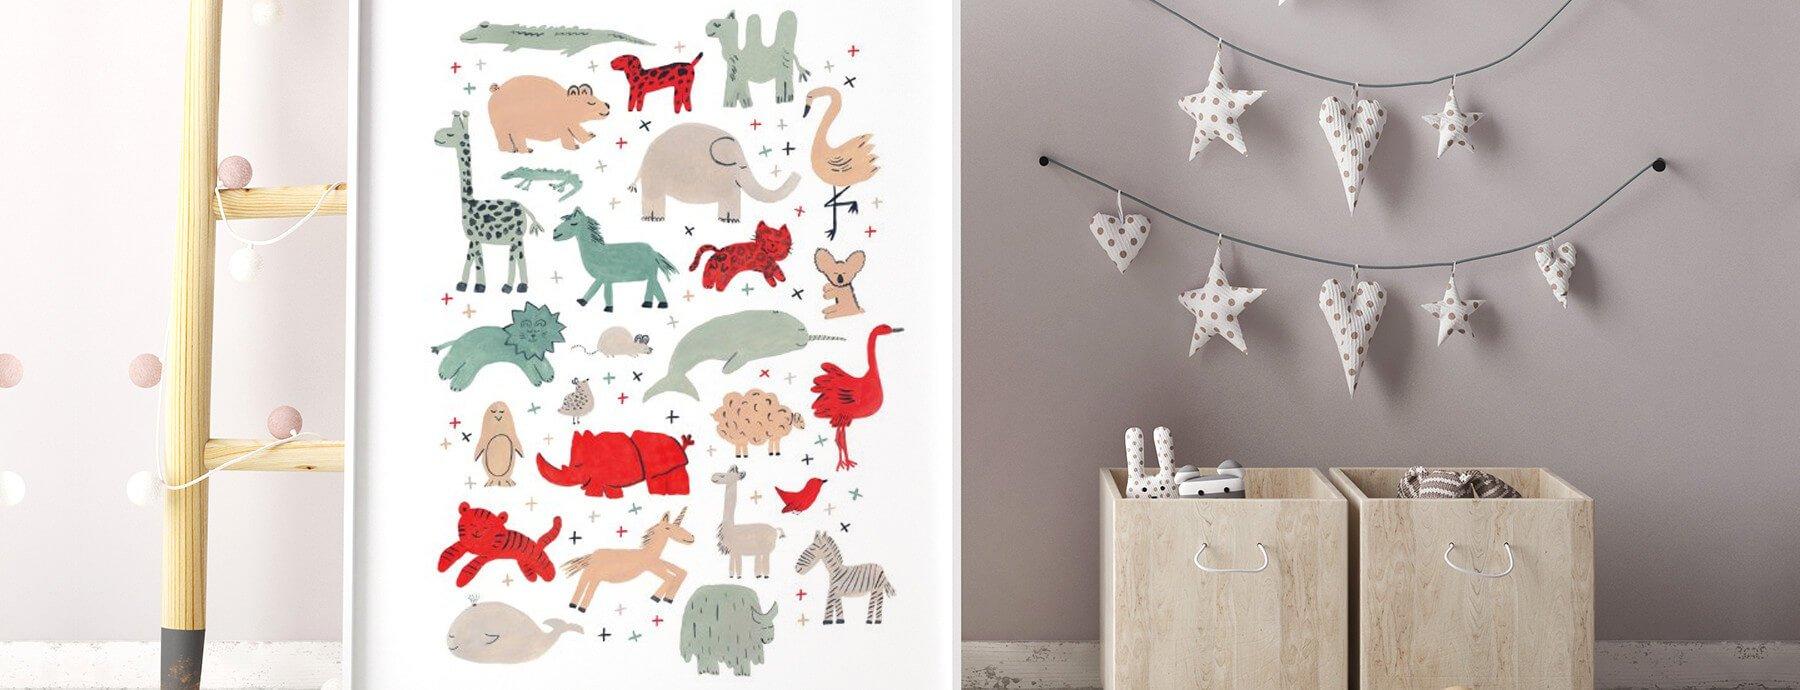 Animal Themed Nursery Décor